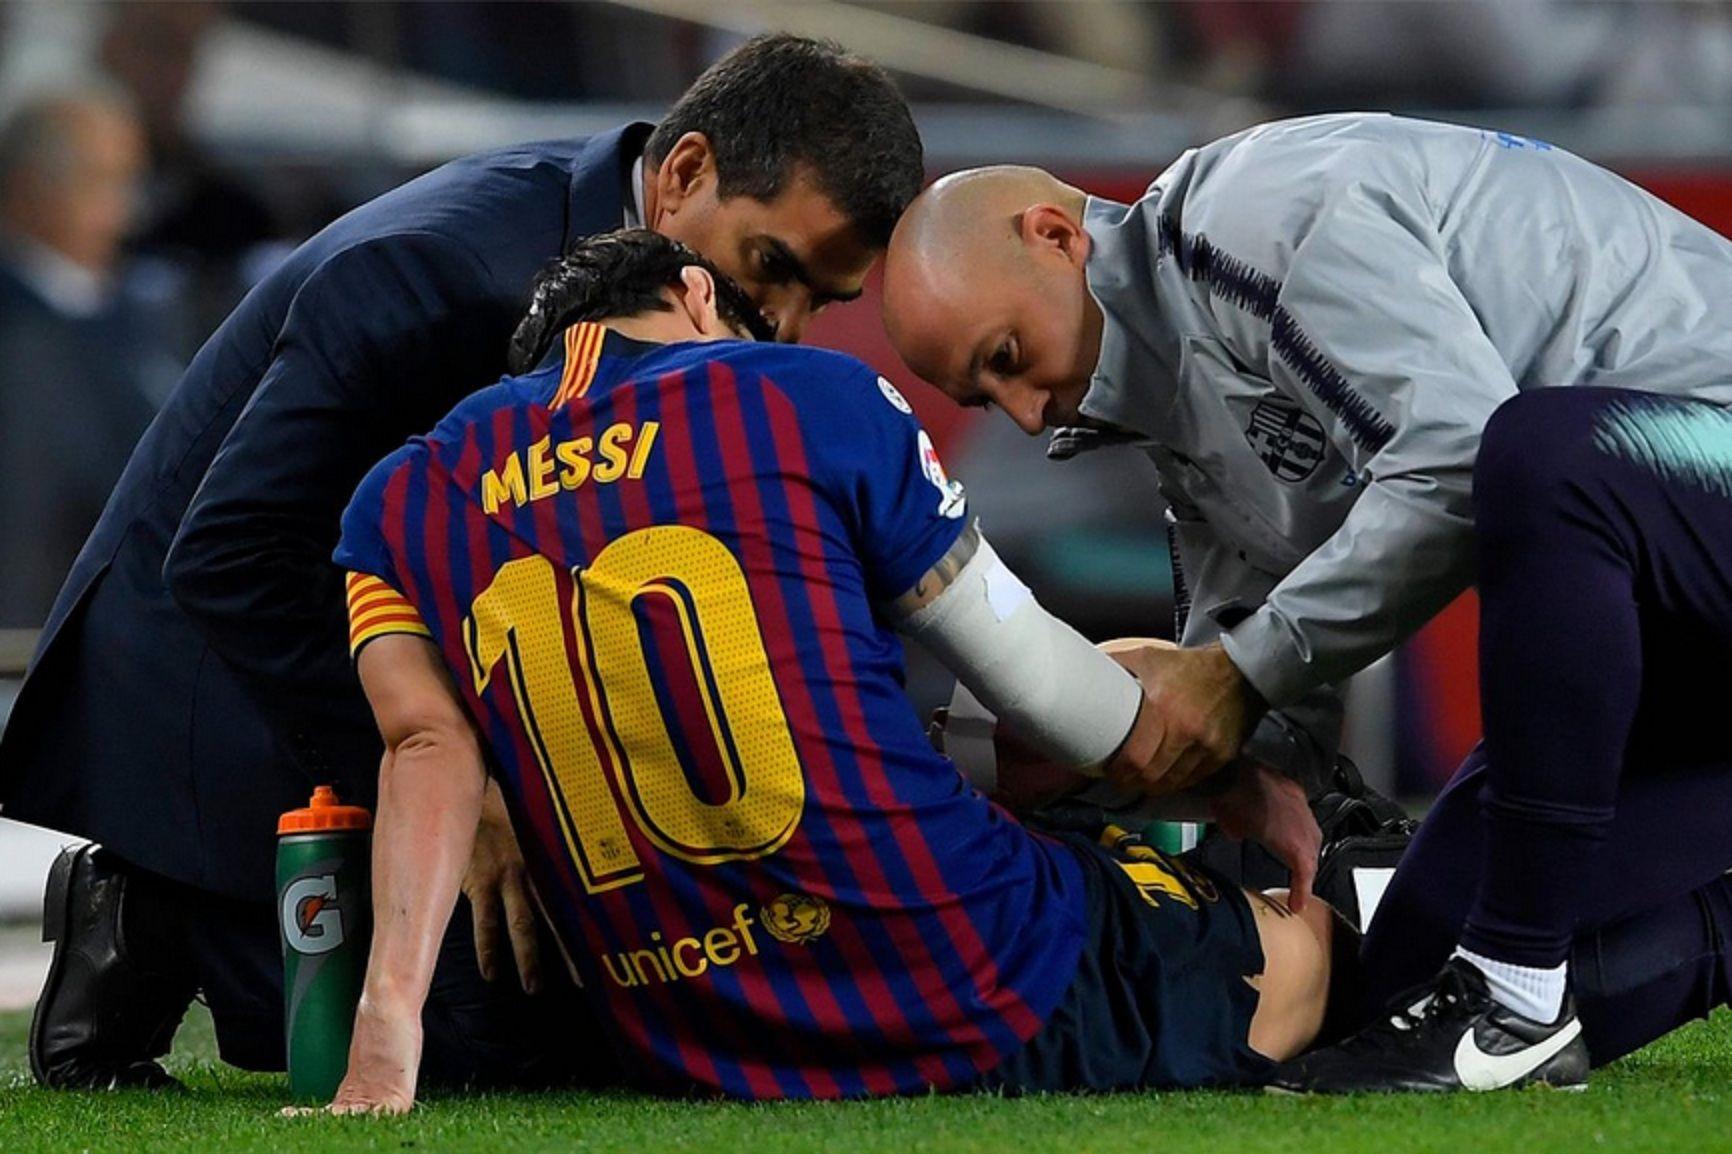 Messi estará inactivo por al menos tres semanas